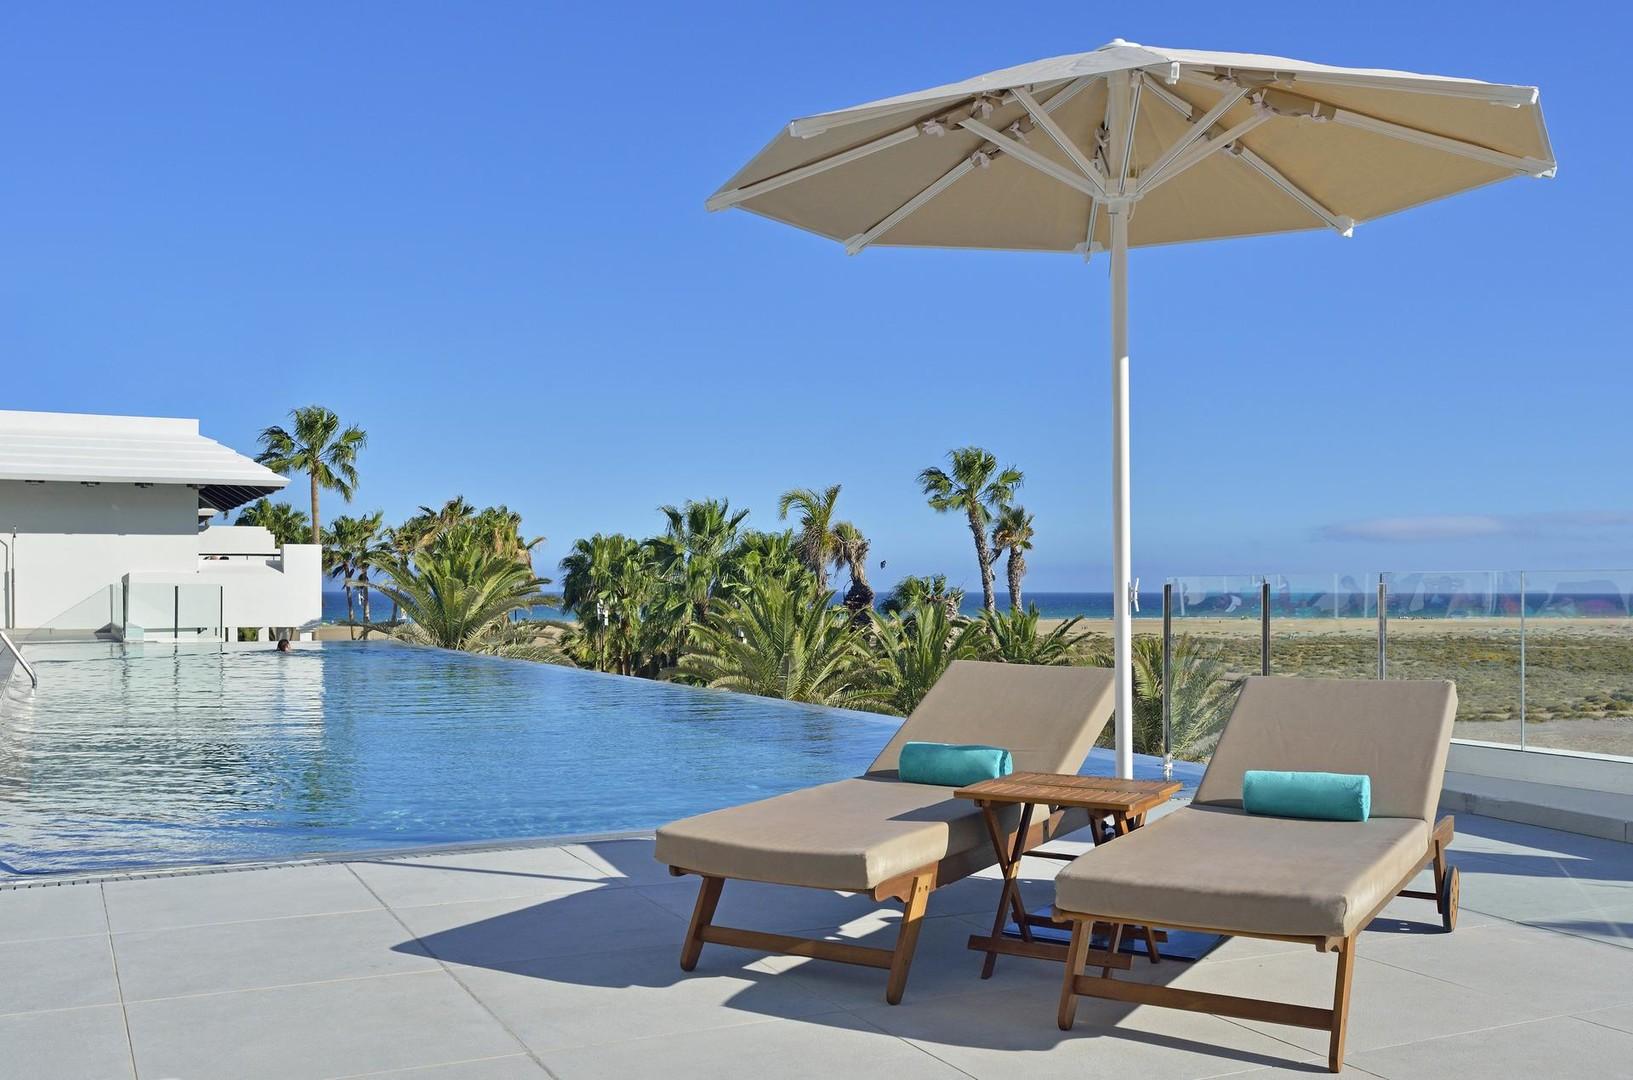 Hotel Sol Beach House #4